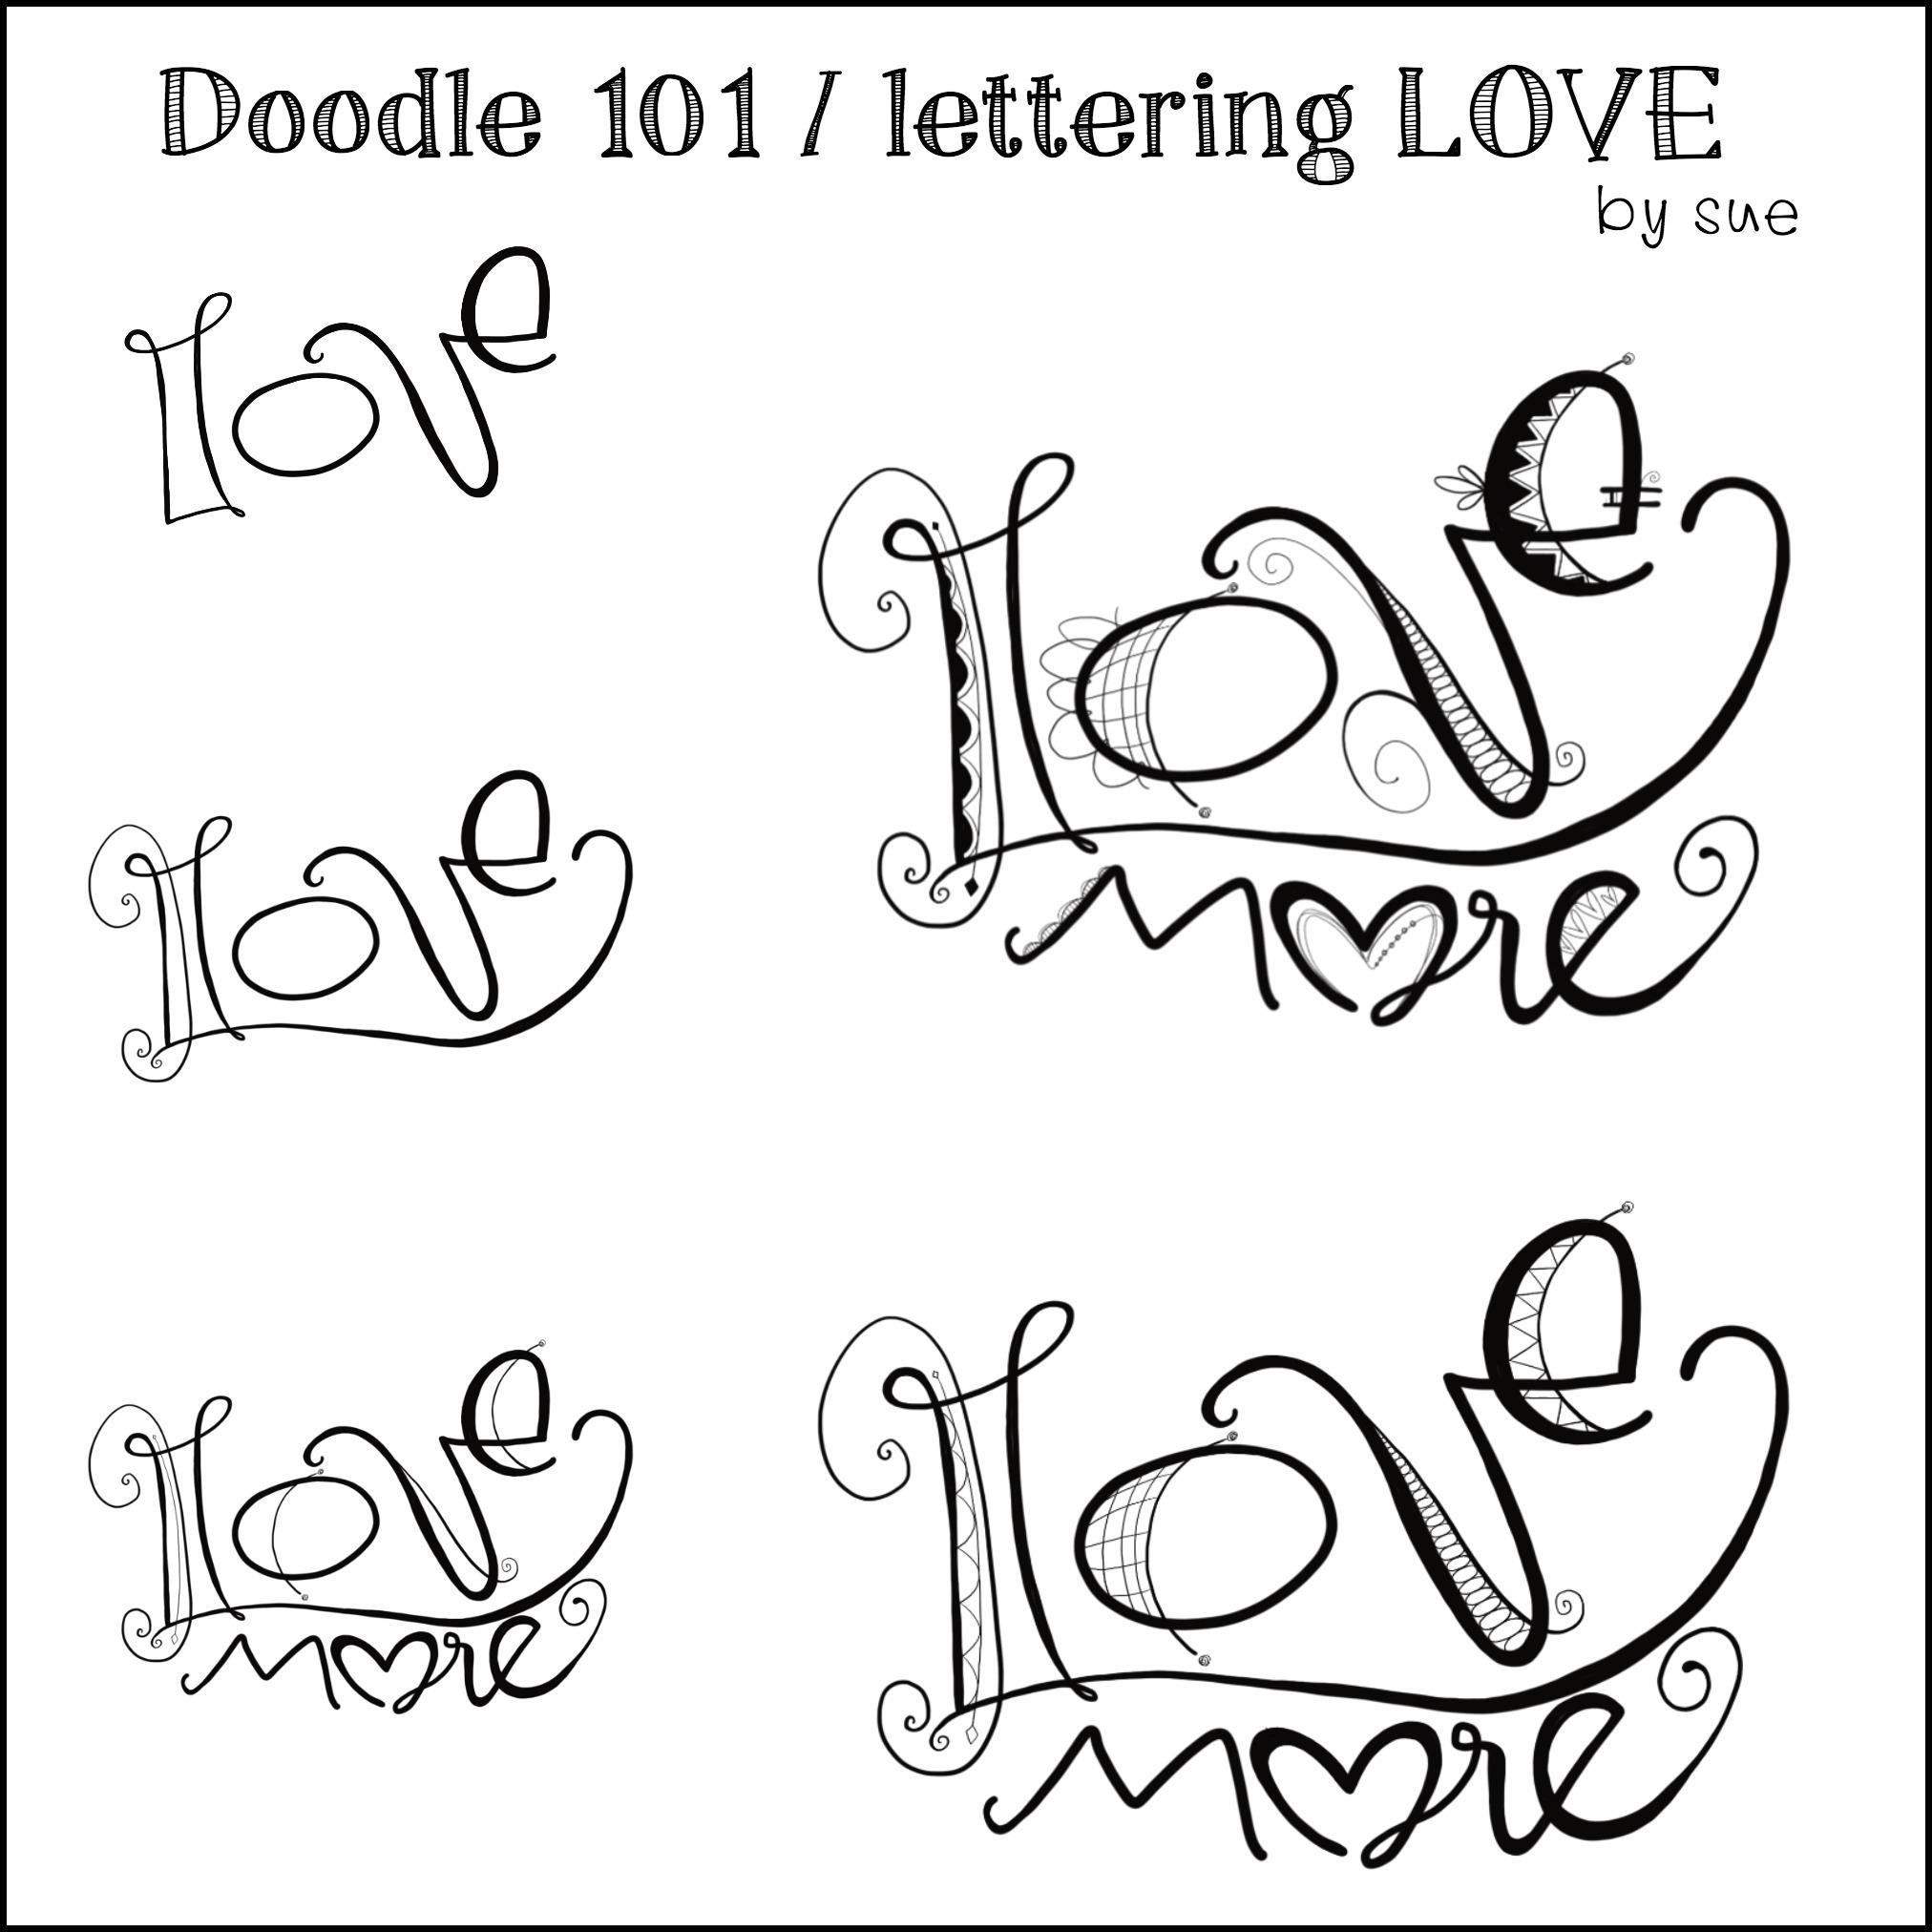 Doodle101/LOVEMORE/SueCarroll